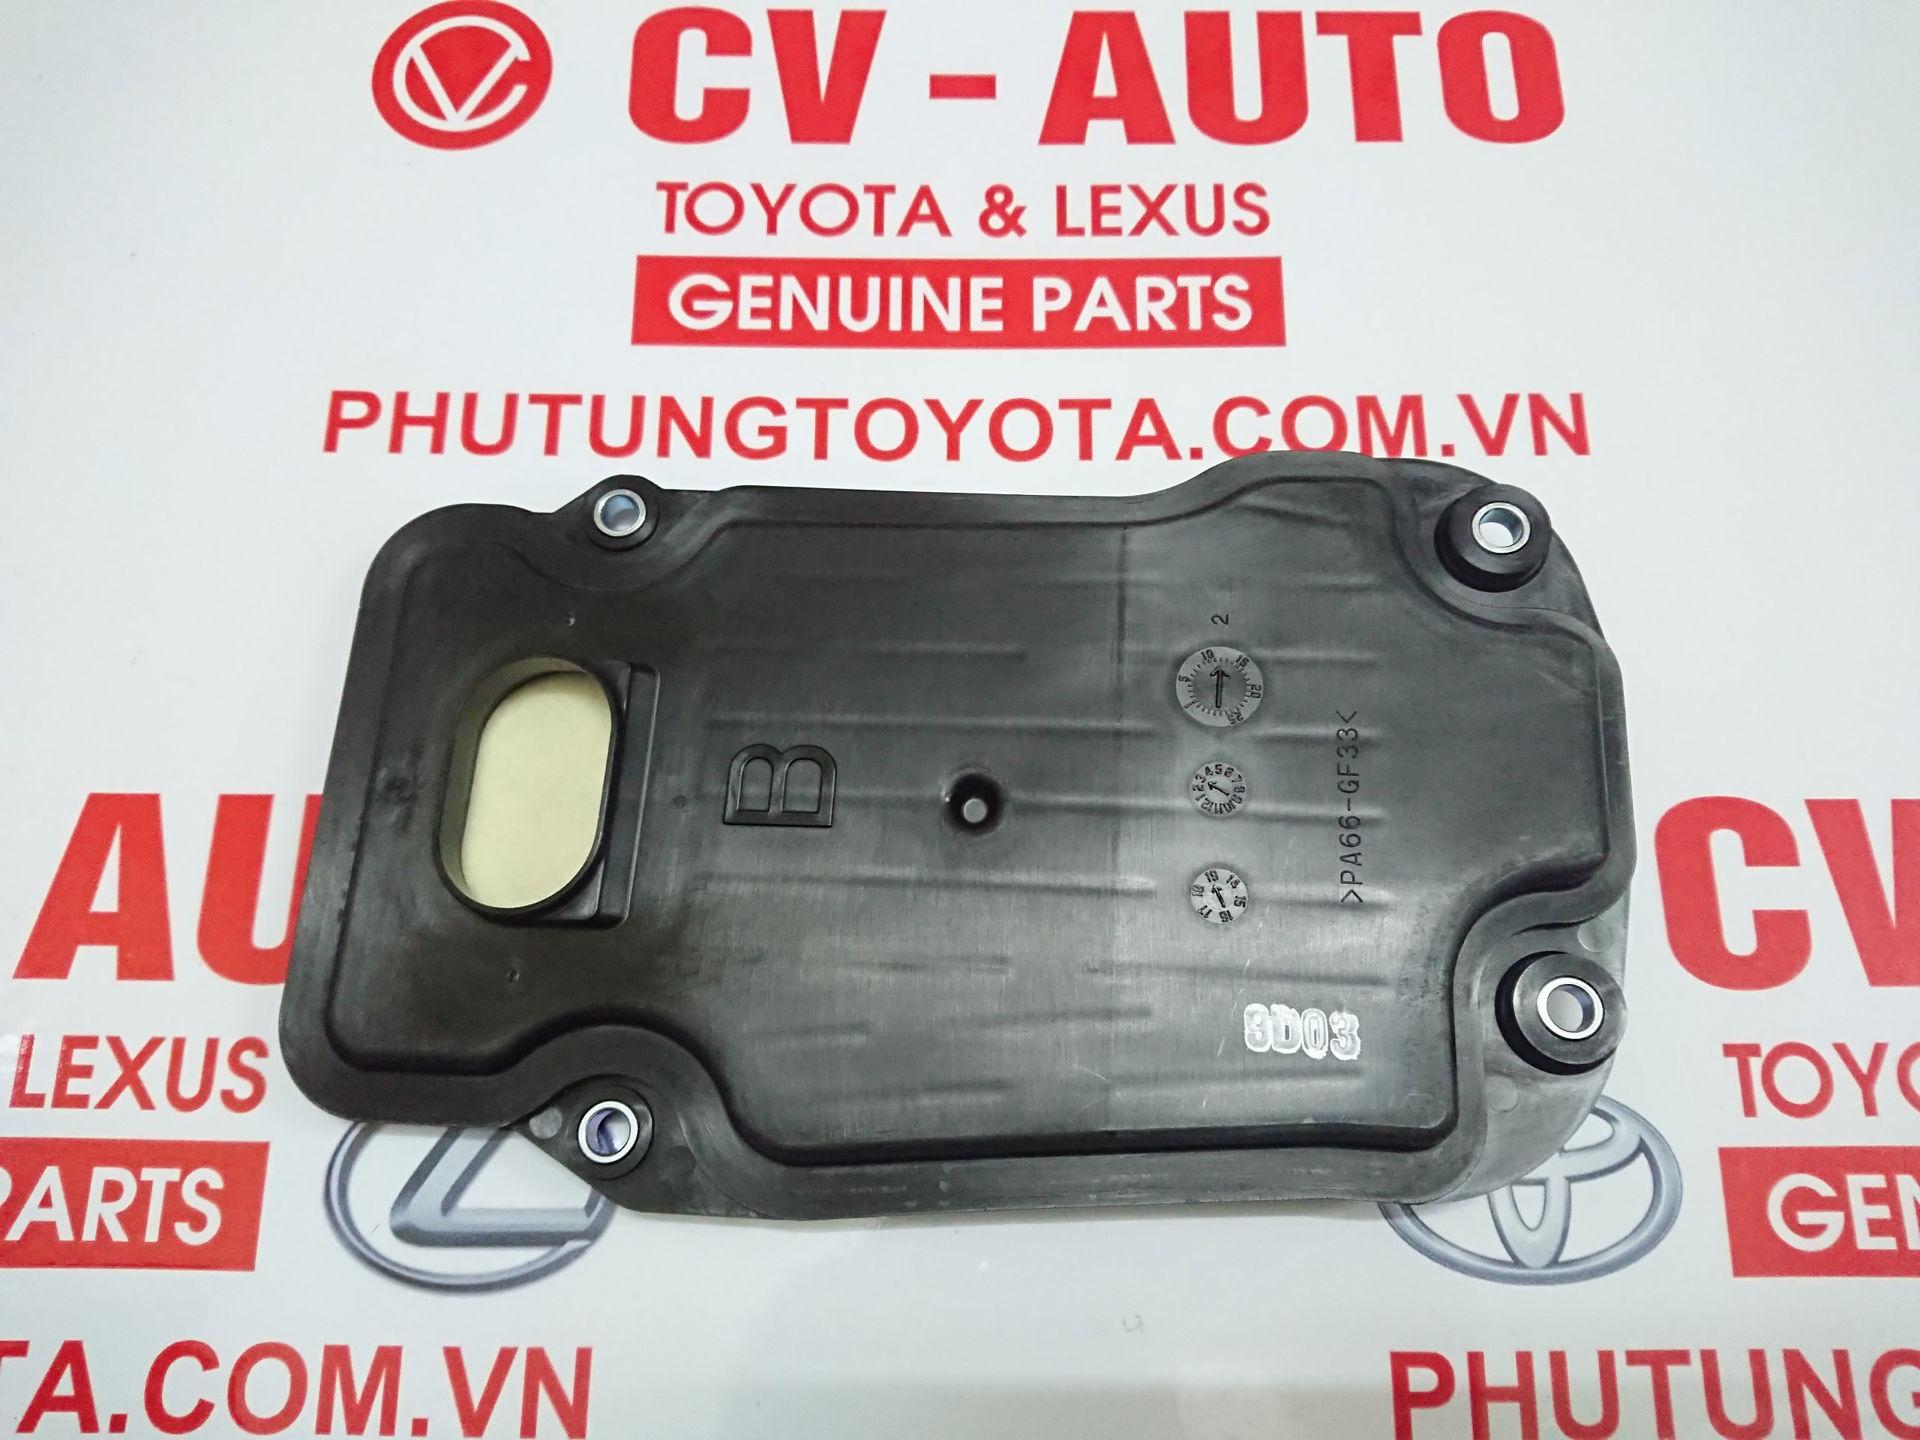 Picture of 35330-30090 Lọc dầu số Lexus GS/IS hàng chính hãng